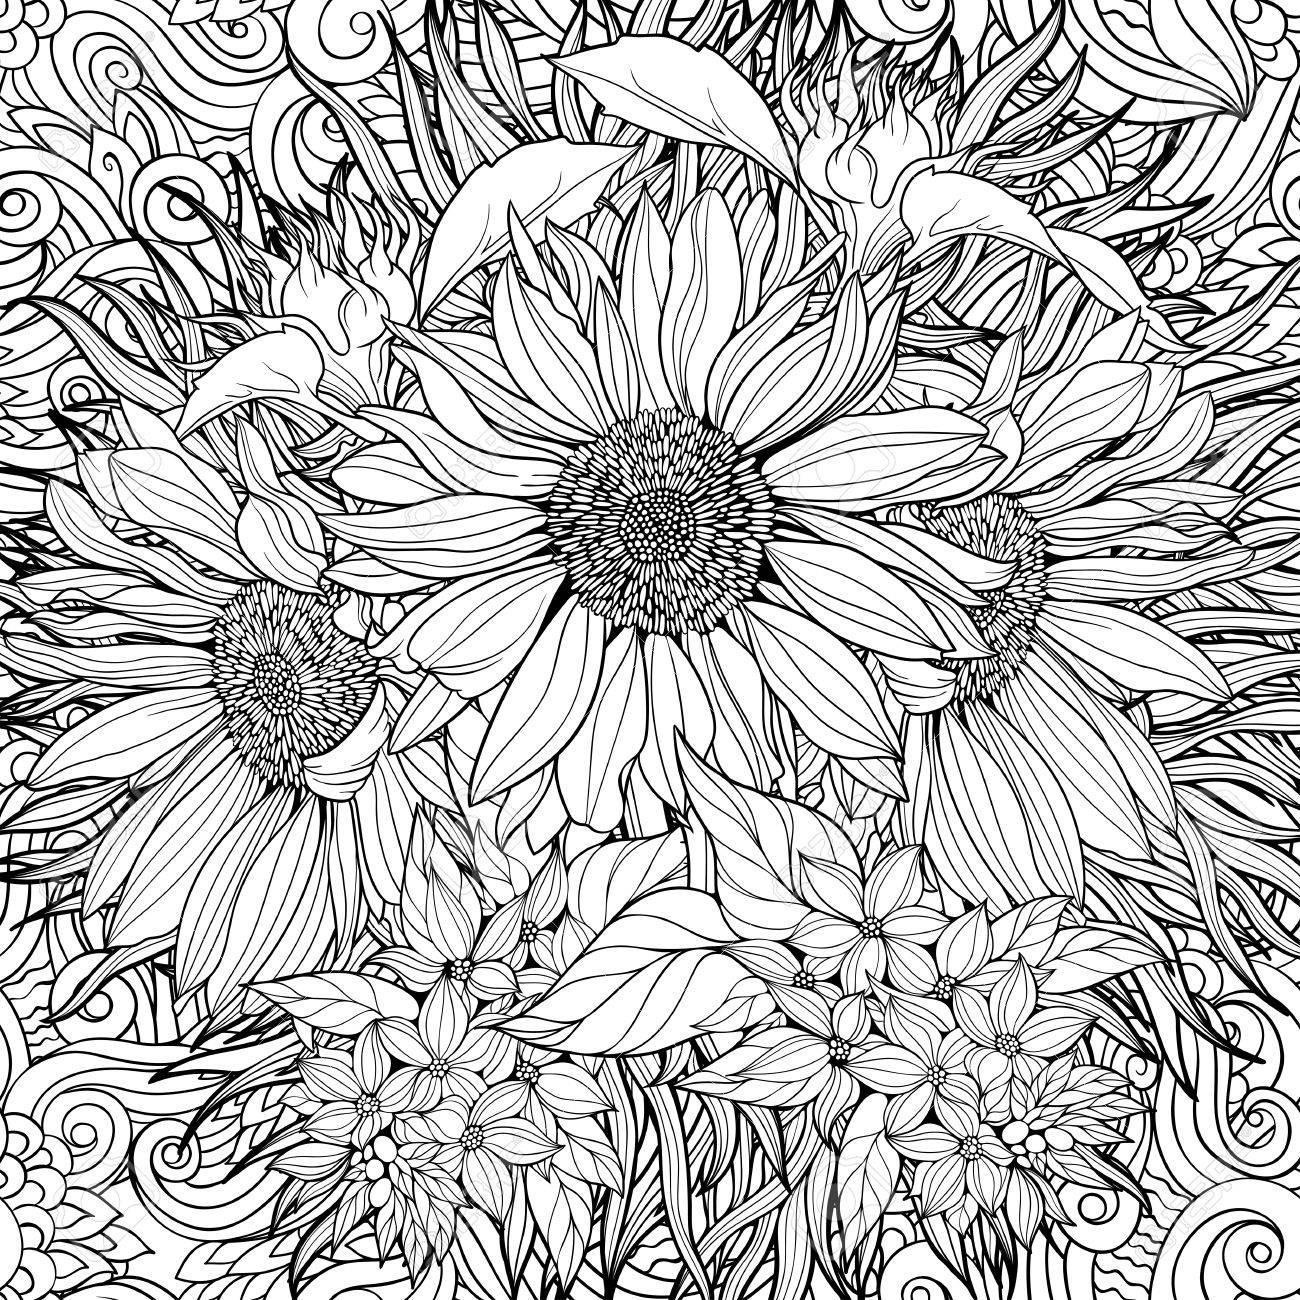 Sin Patrón De Girasoles En Blanco Y Negro Dibujo Para Colorear